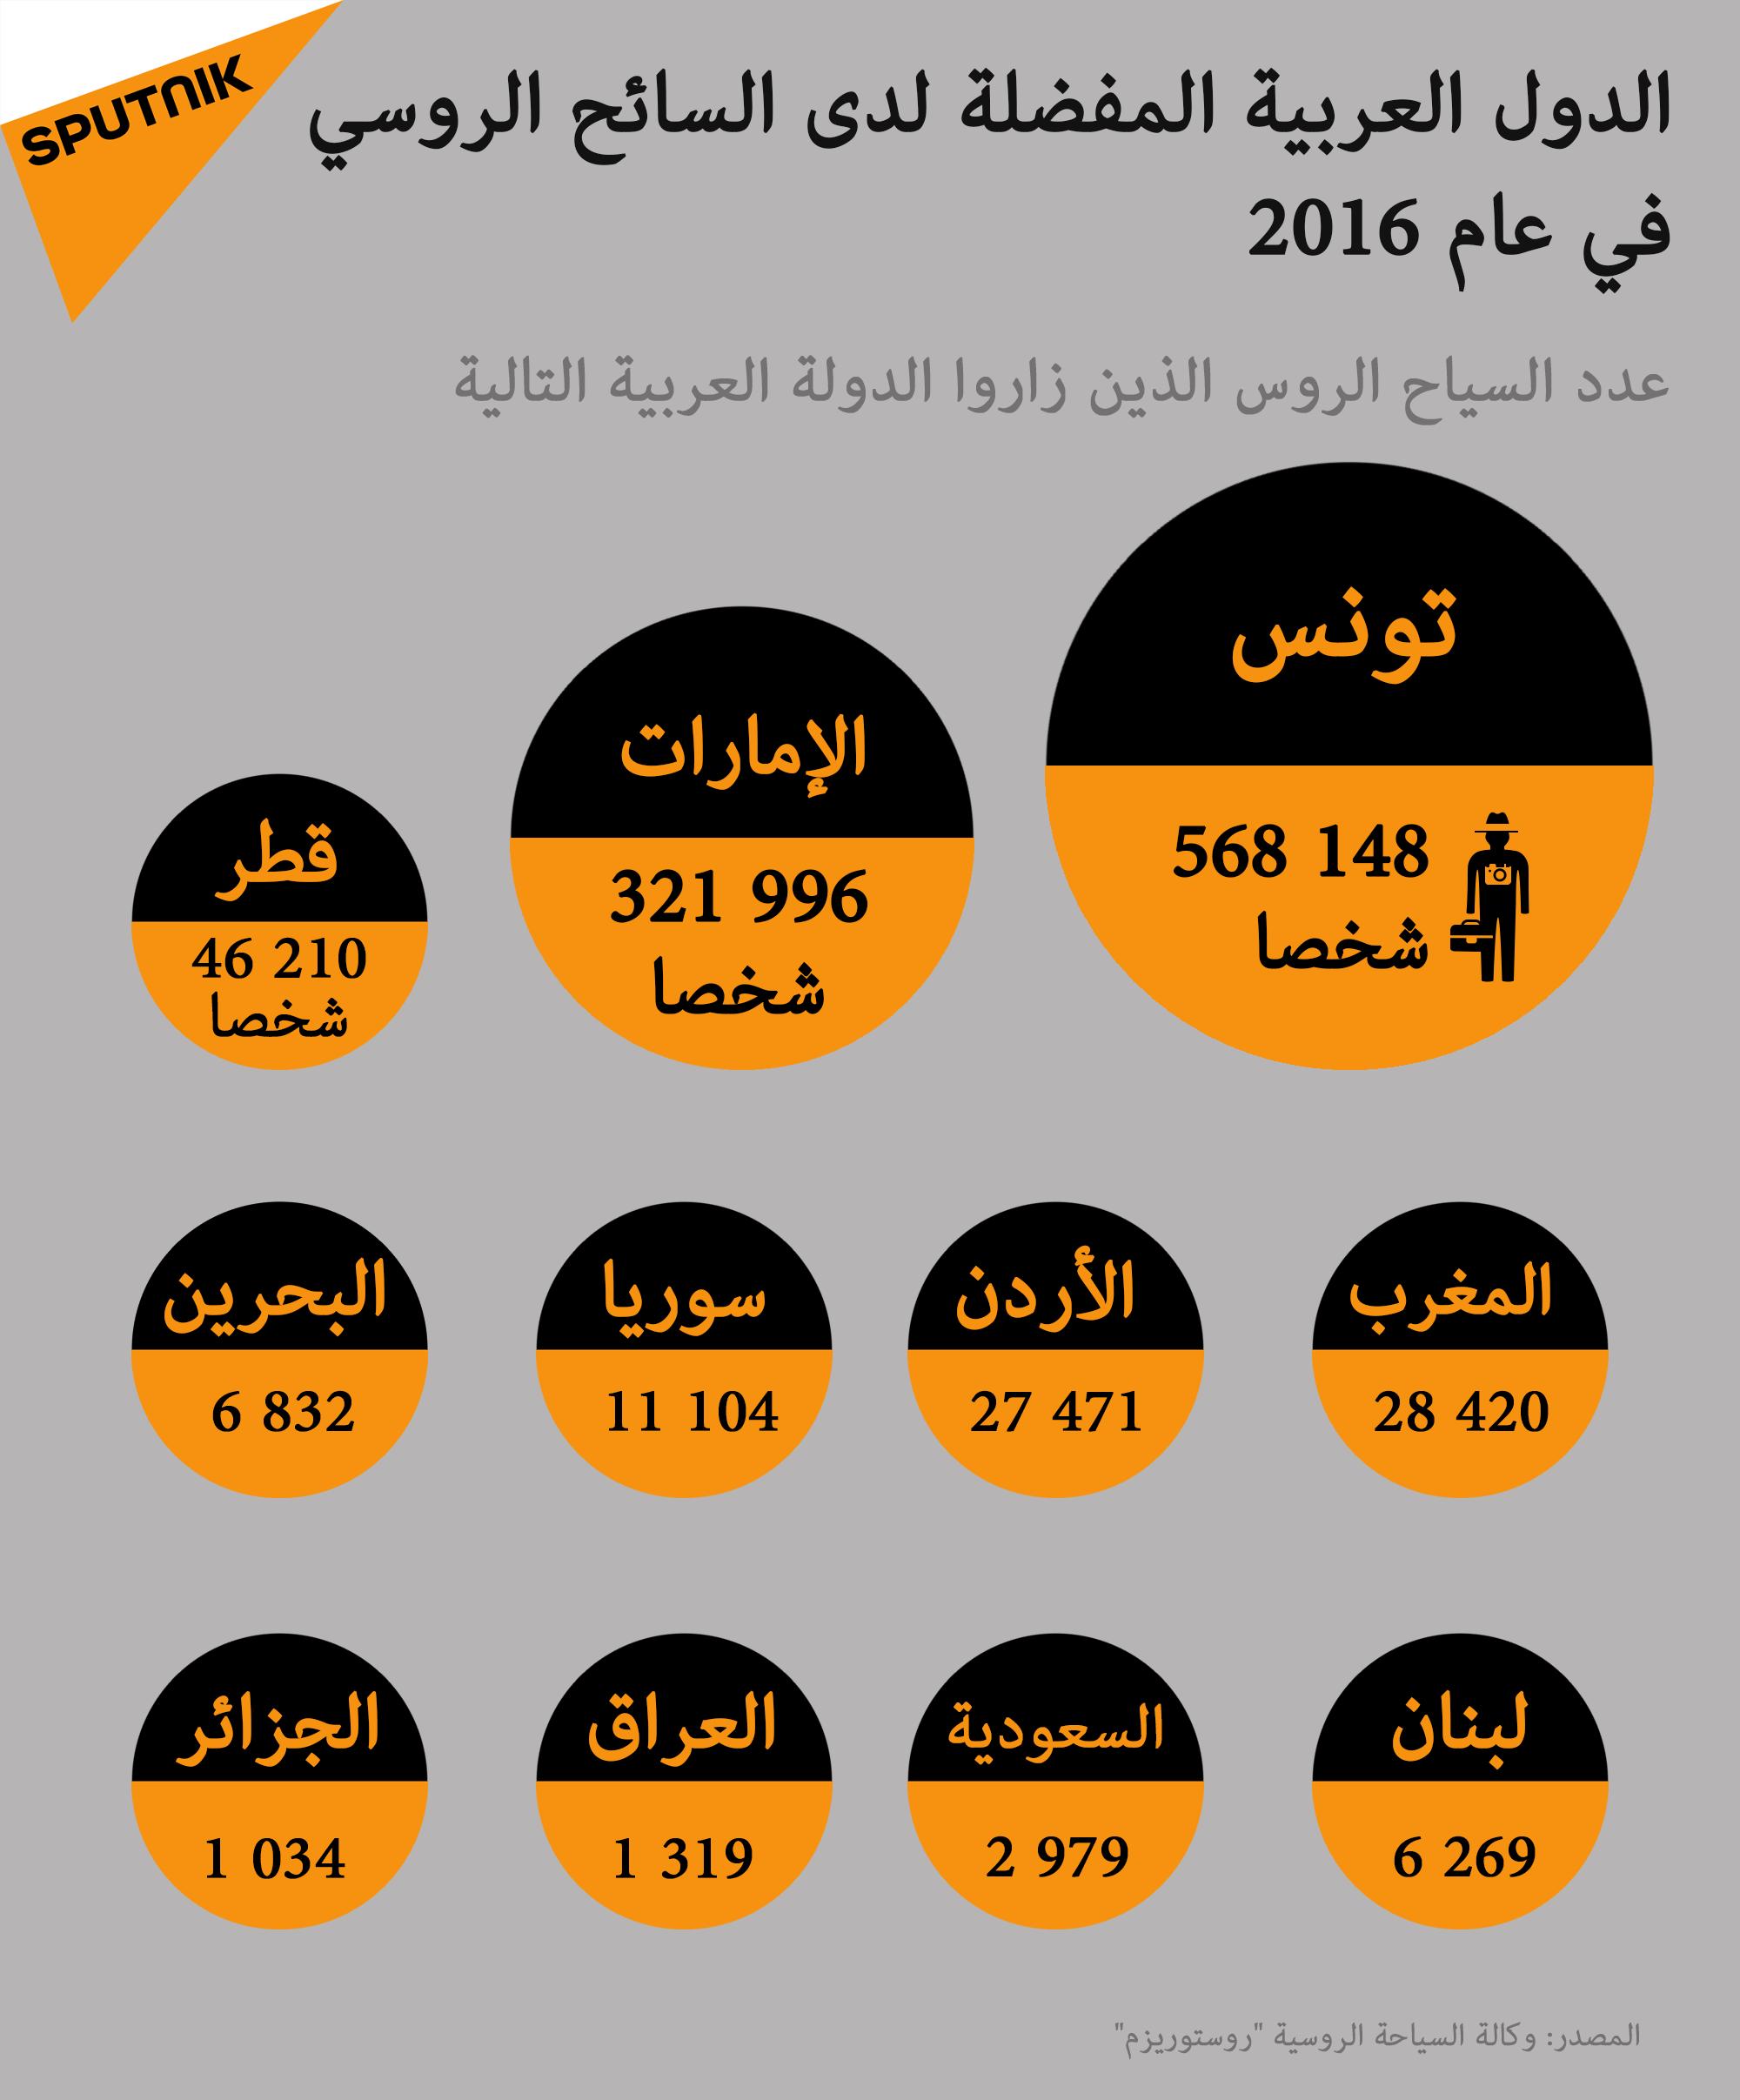 الدول العربية المفضلة لدى السائح الروسي في عام 2016